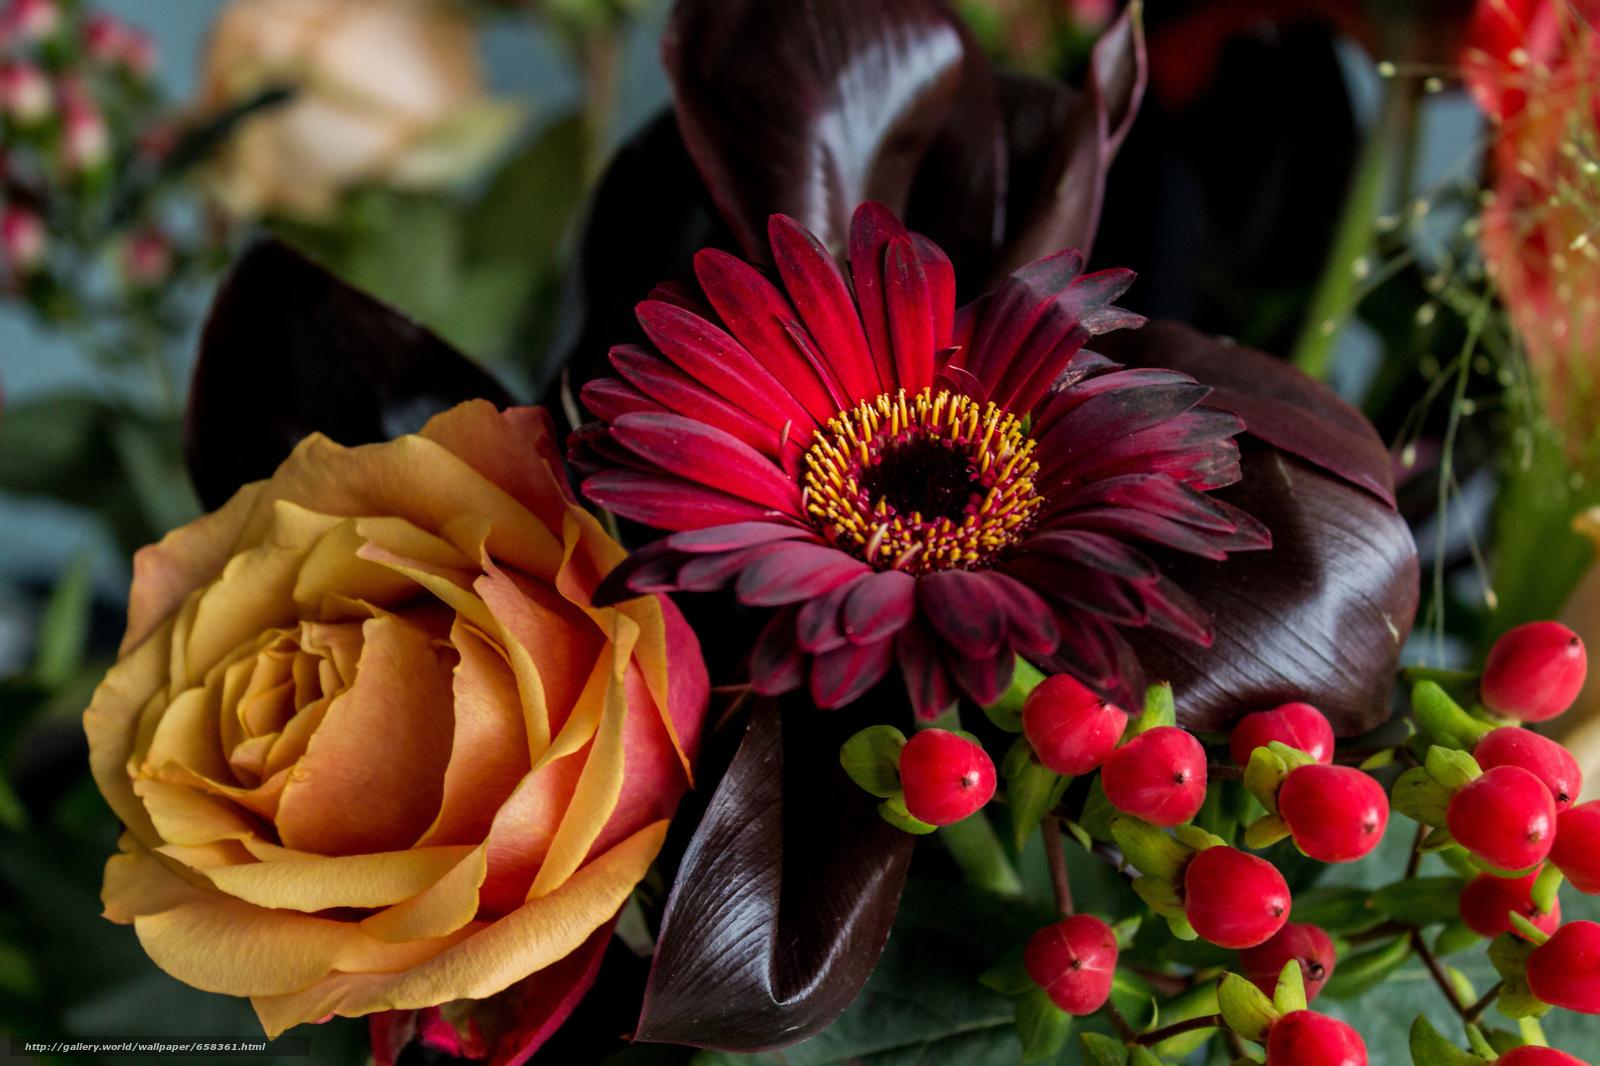 Скачать обои цветок,  цветы,  флора бесплатно для рабочего стола в разрешении 2048x1365 — картинка №658361